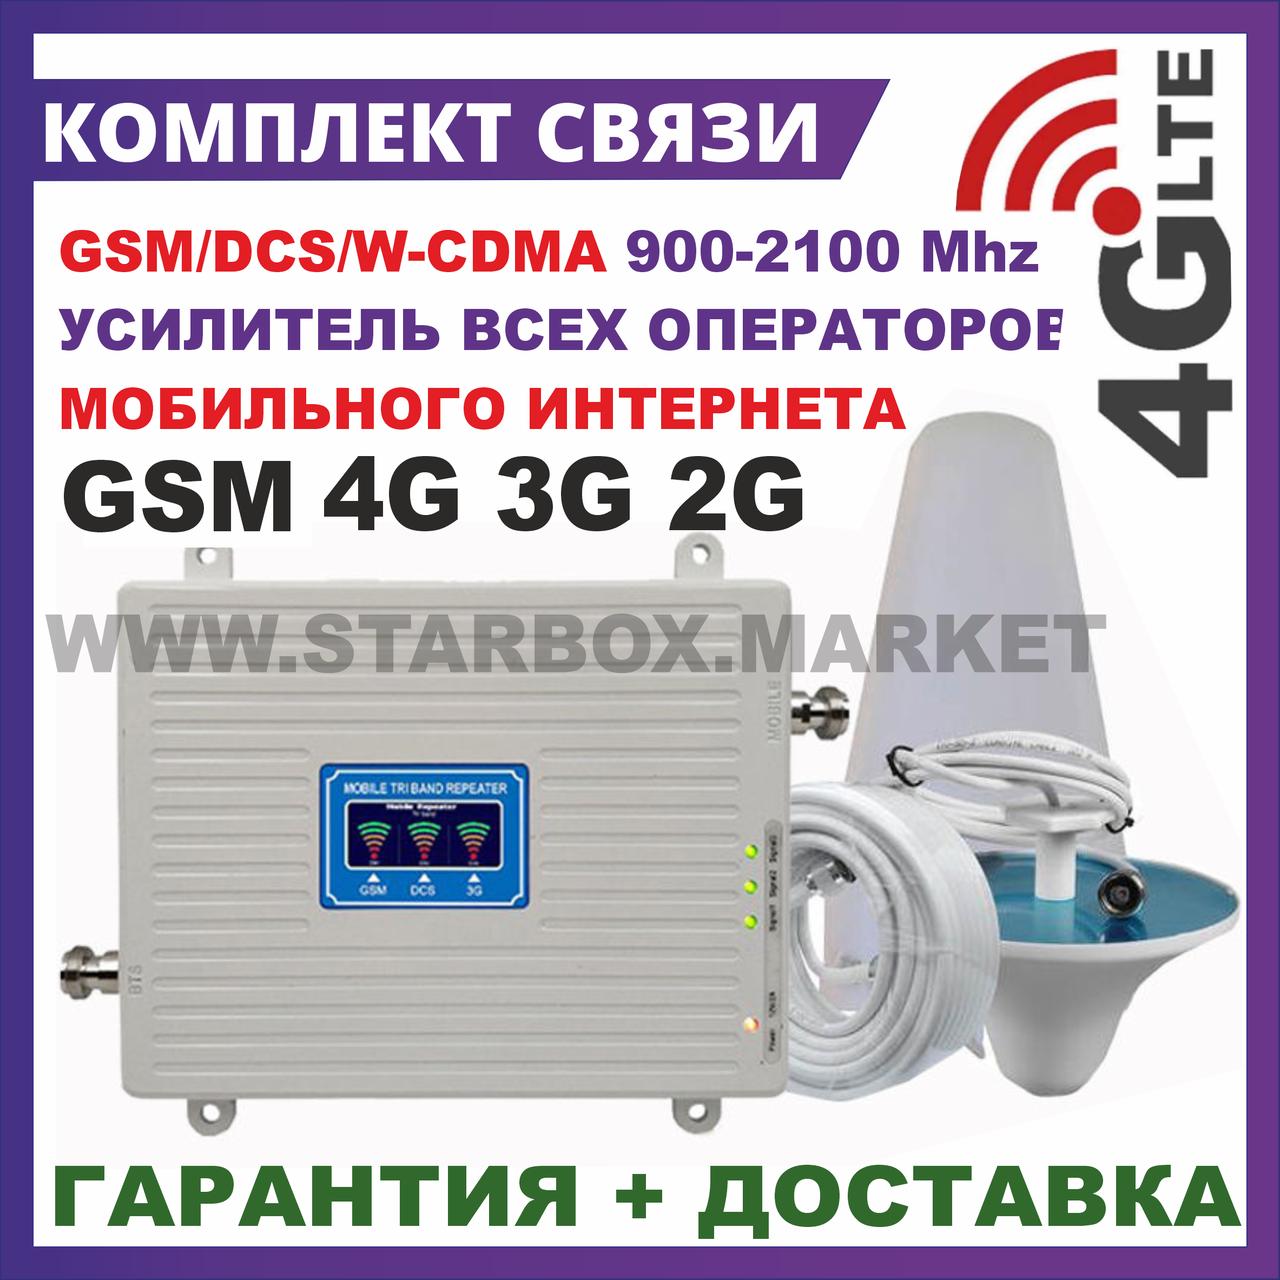 Усилитель сотовой связи и интернета 4G 3G 2G  GSM 900 1800 2100 DCS WCDMA мобильный ретранслятор, репитер  LTE